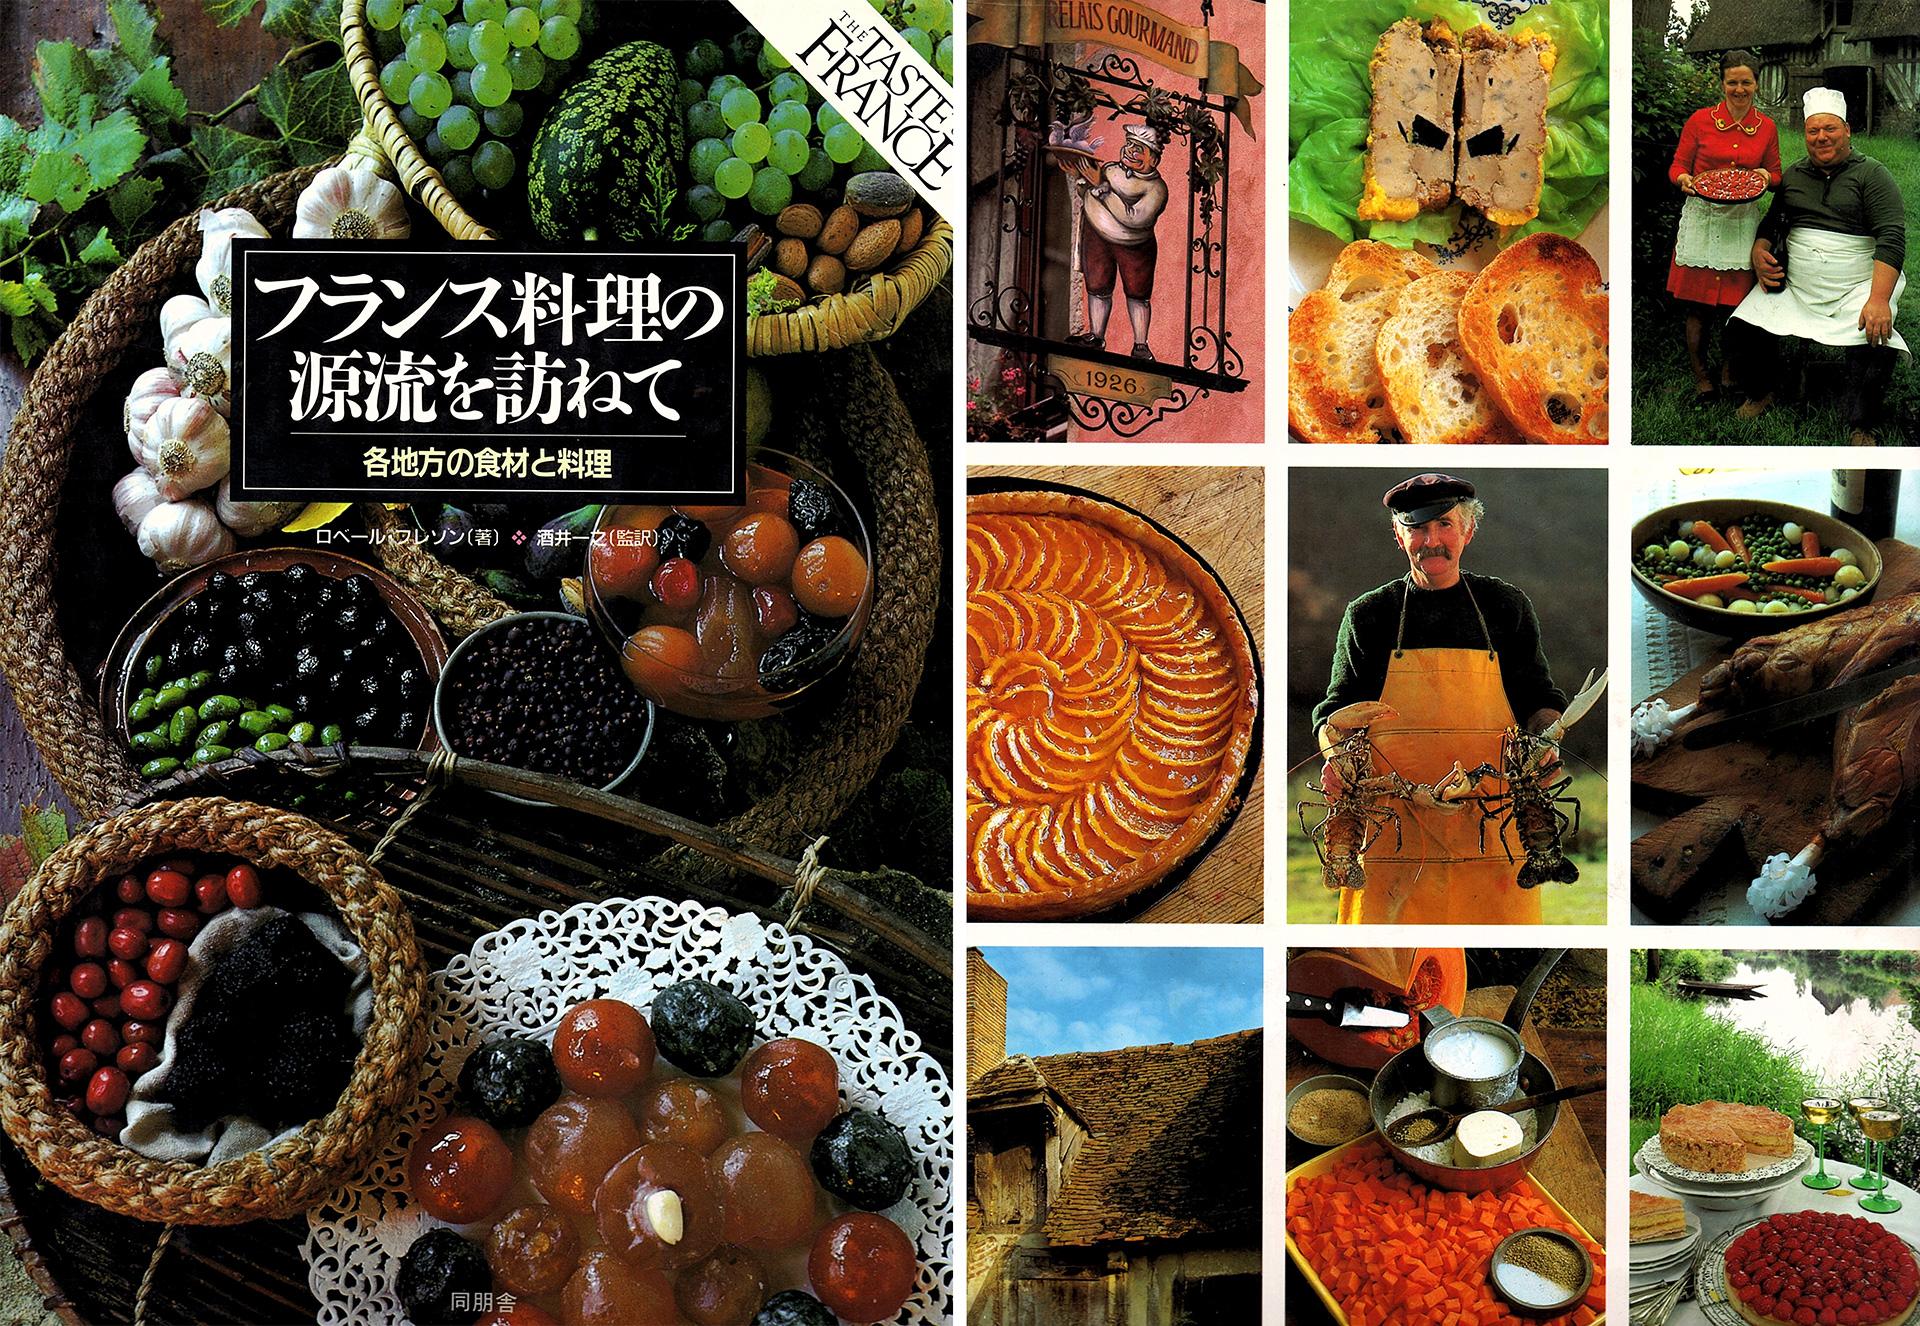 フランス料理の源流を訪ねて 各地方の食材と料理